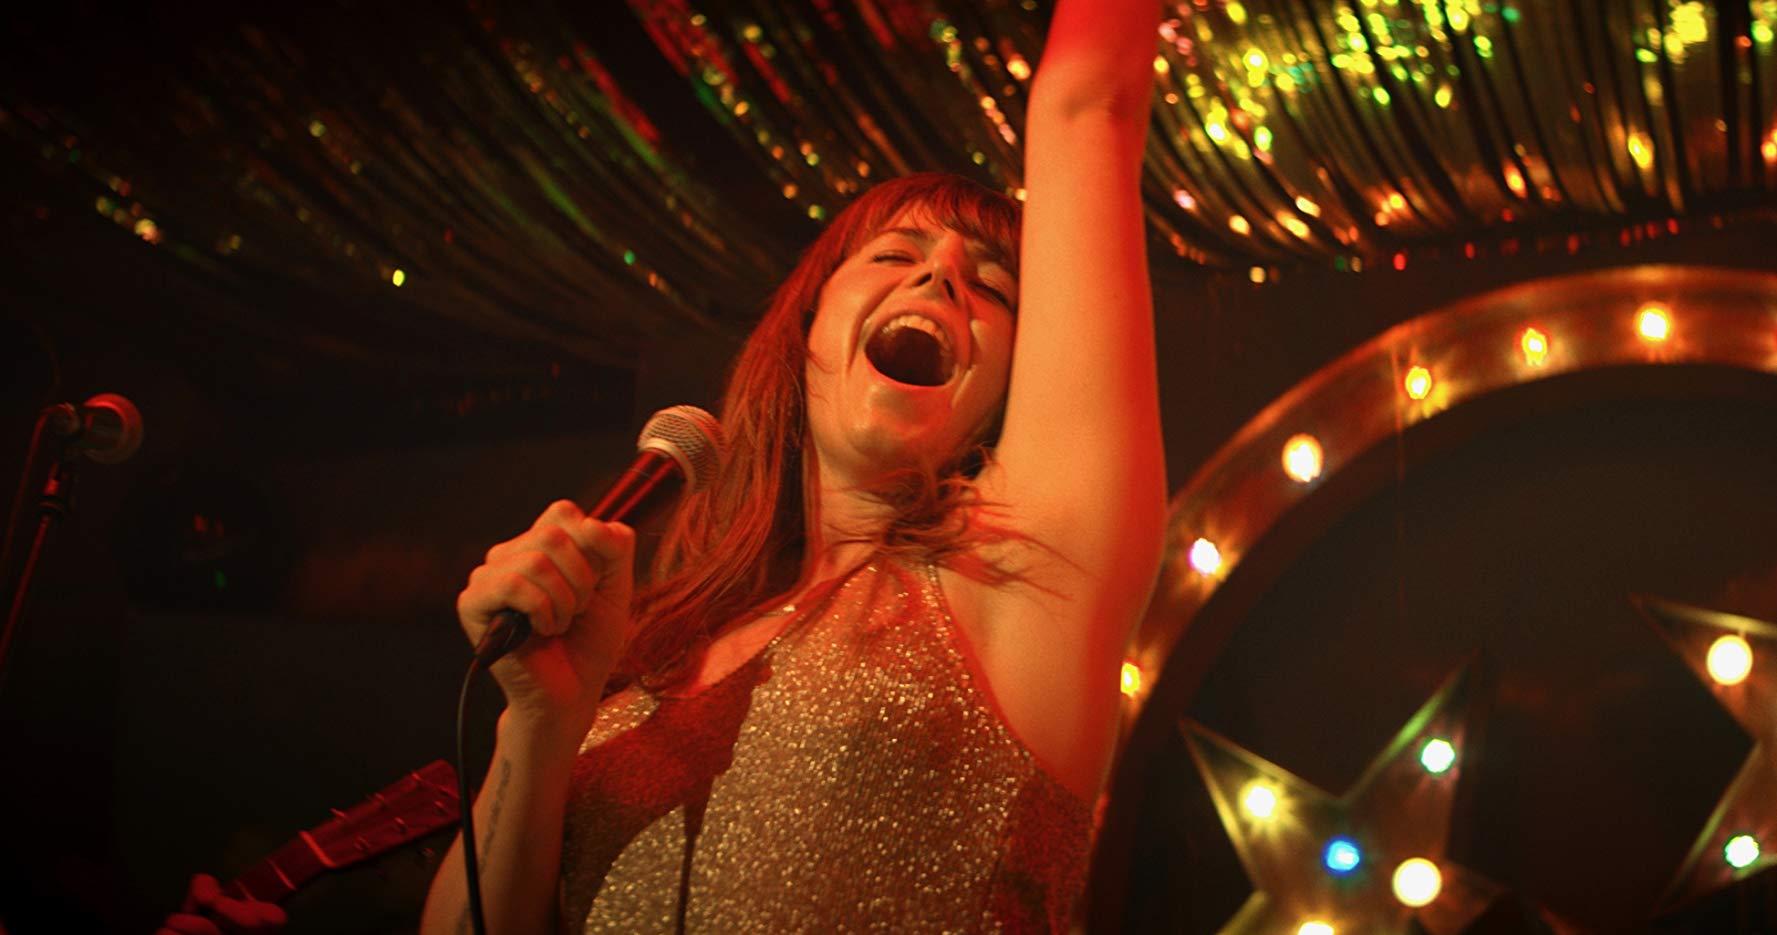 Jessie Buckley in Wild Rose